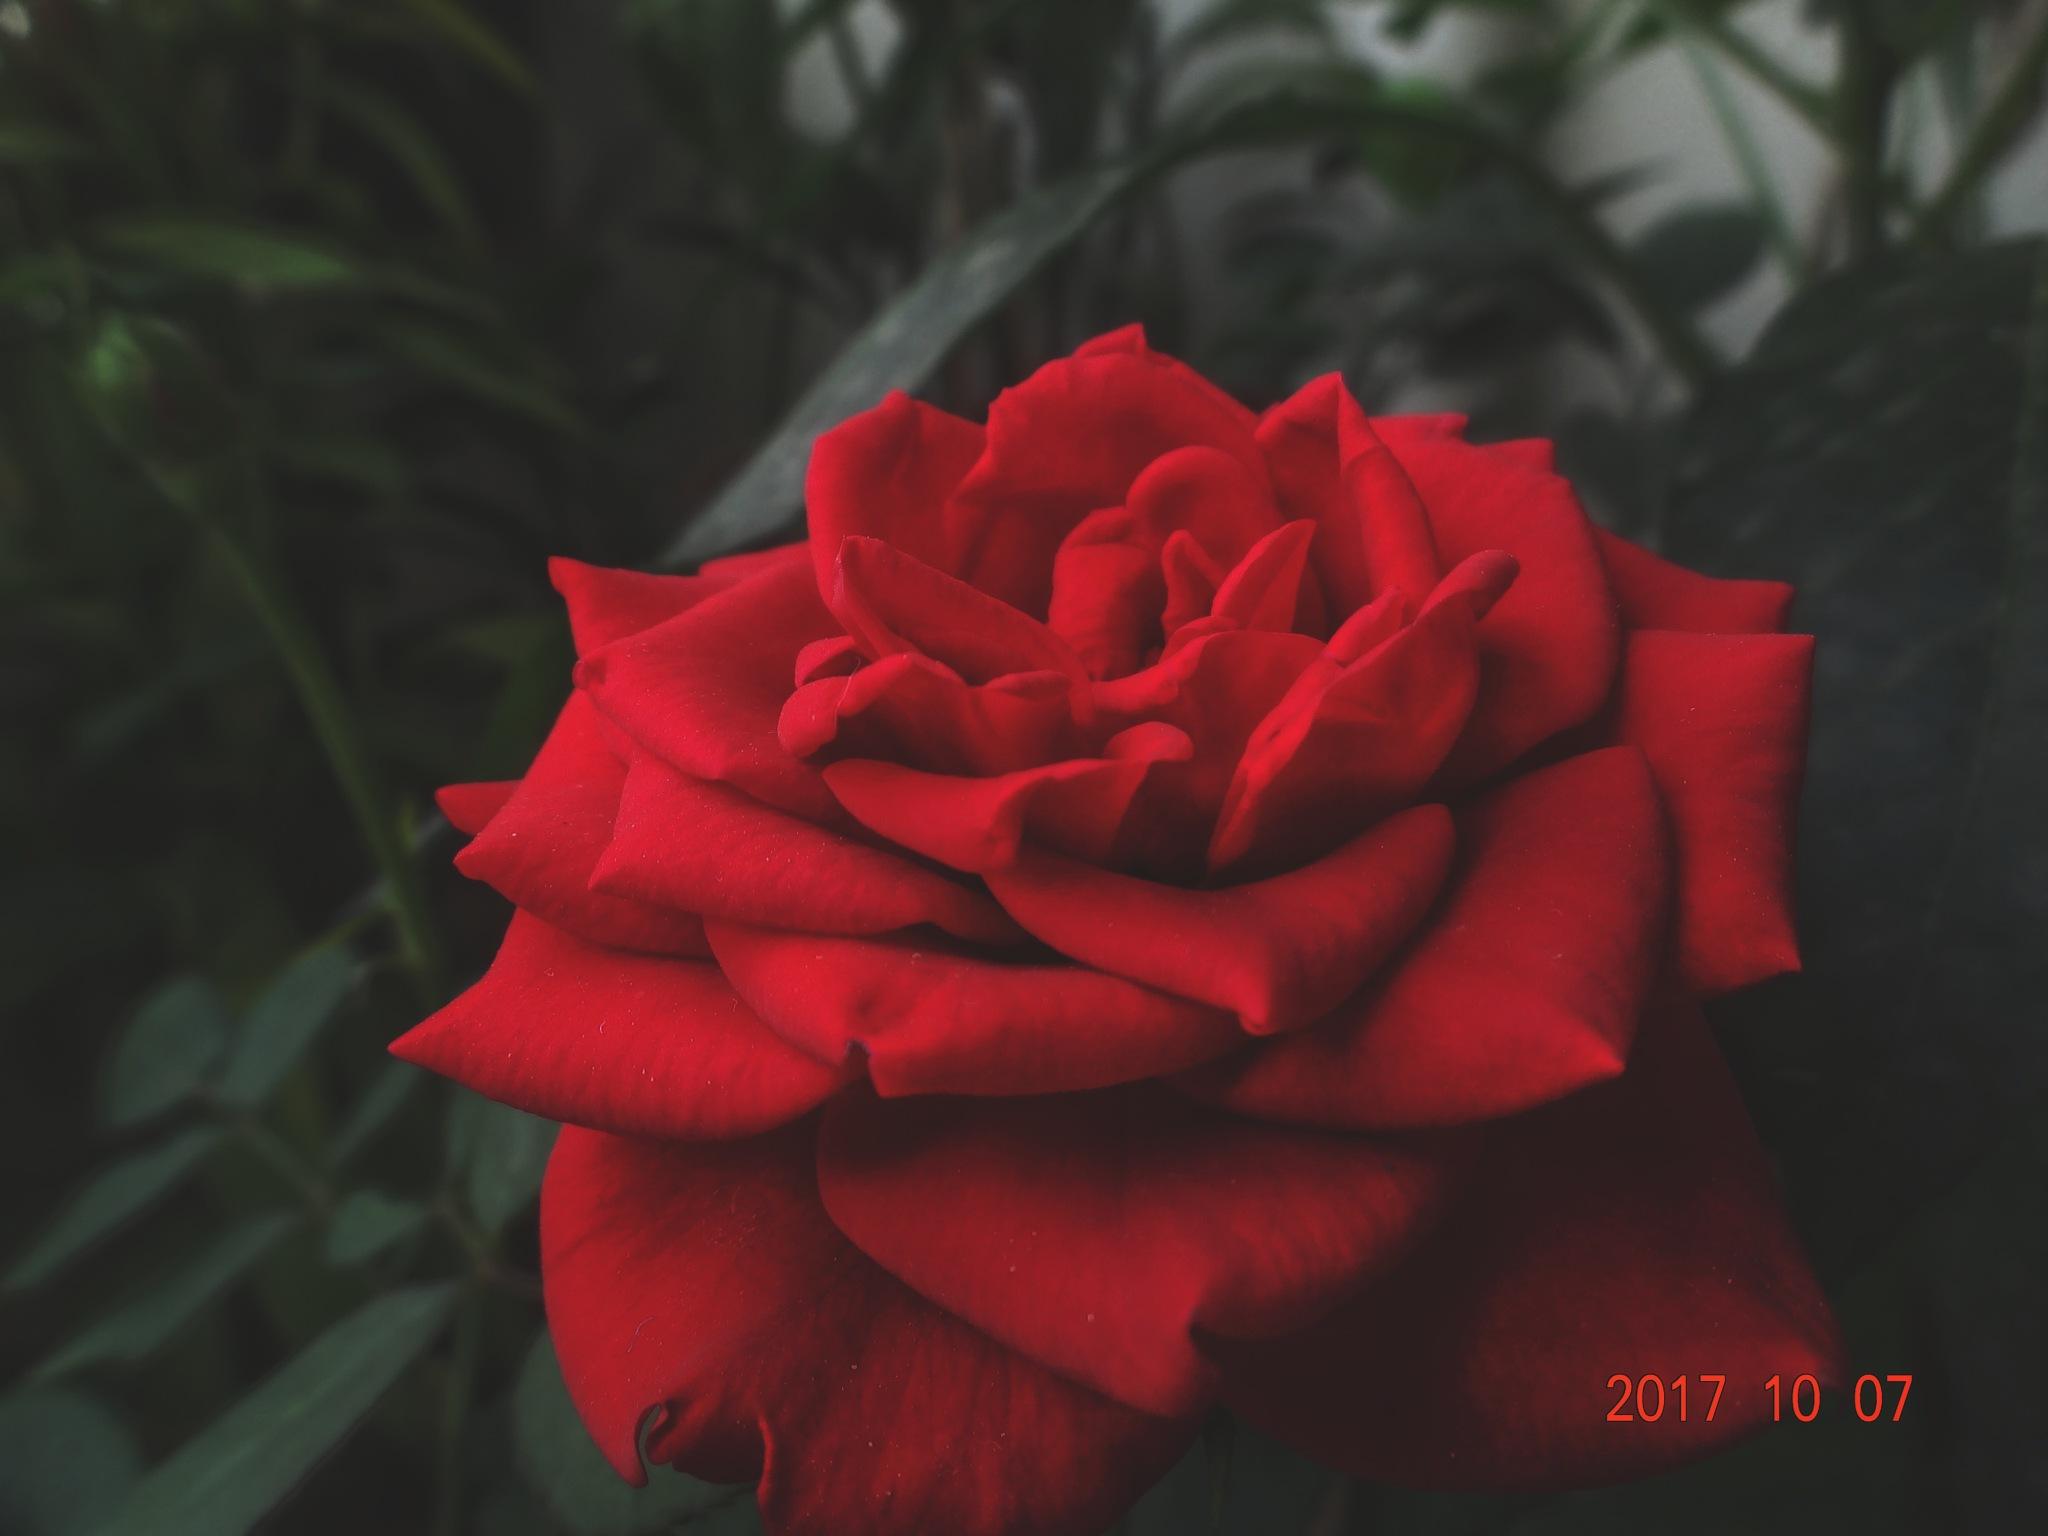 Rose by Viren Khatri